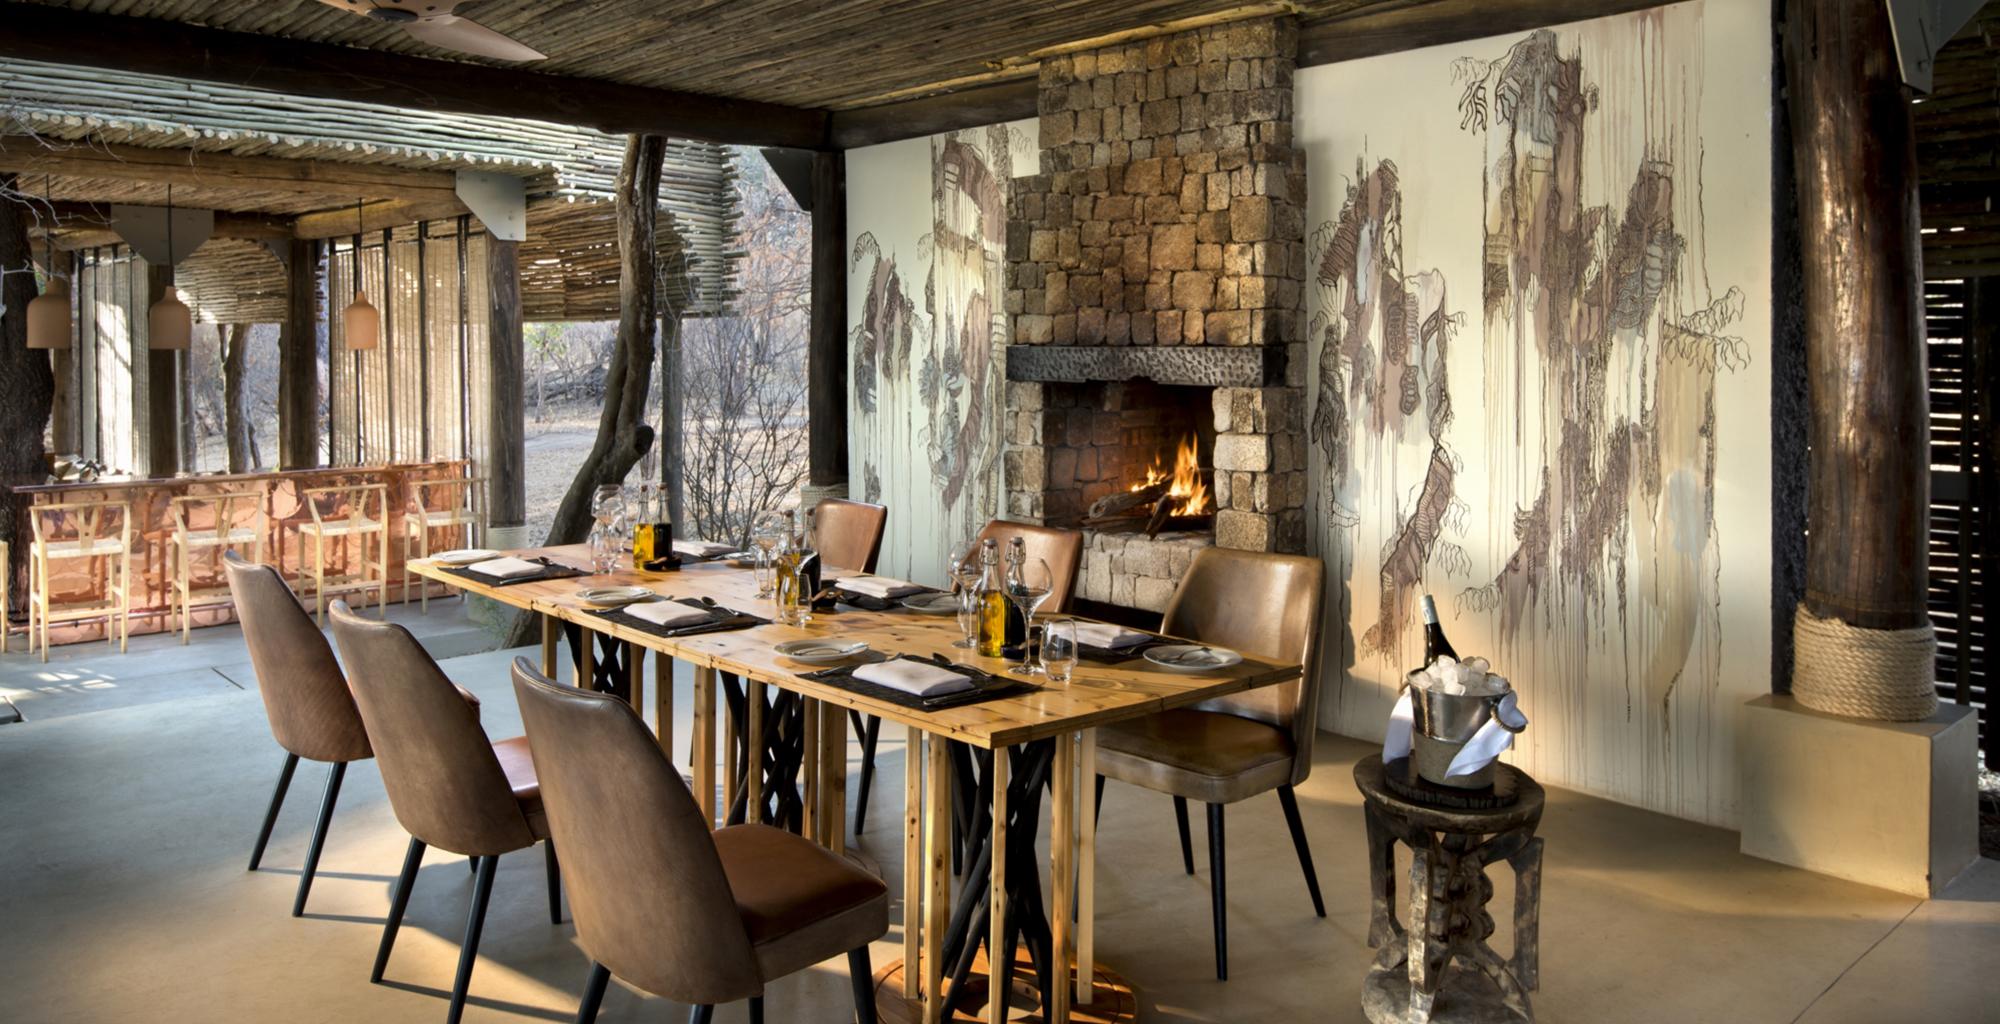 Zimbabwe-andBeyond-Matetsi-River-Lodge-Dining